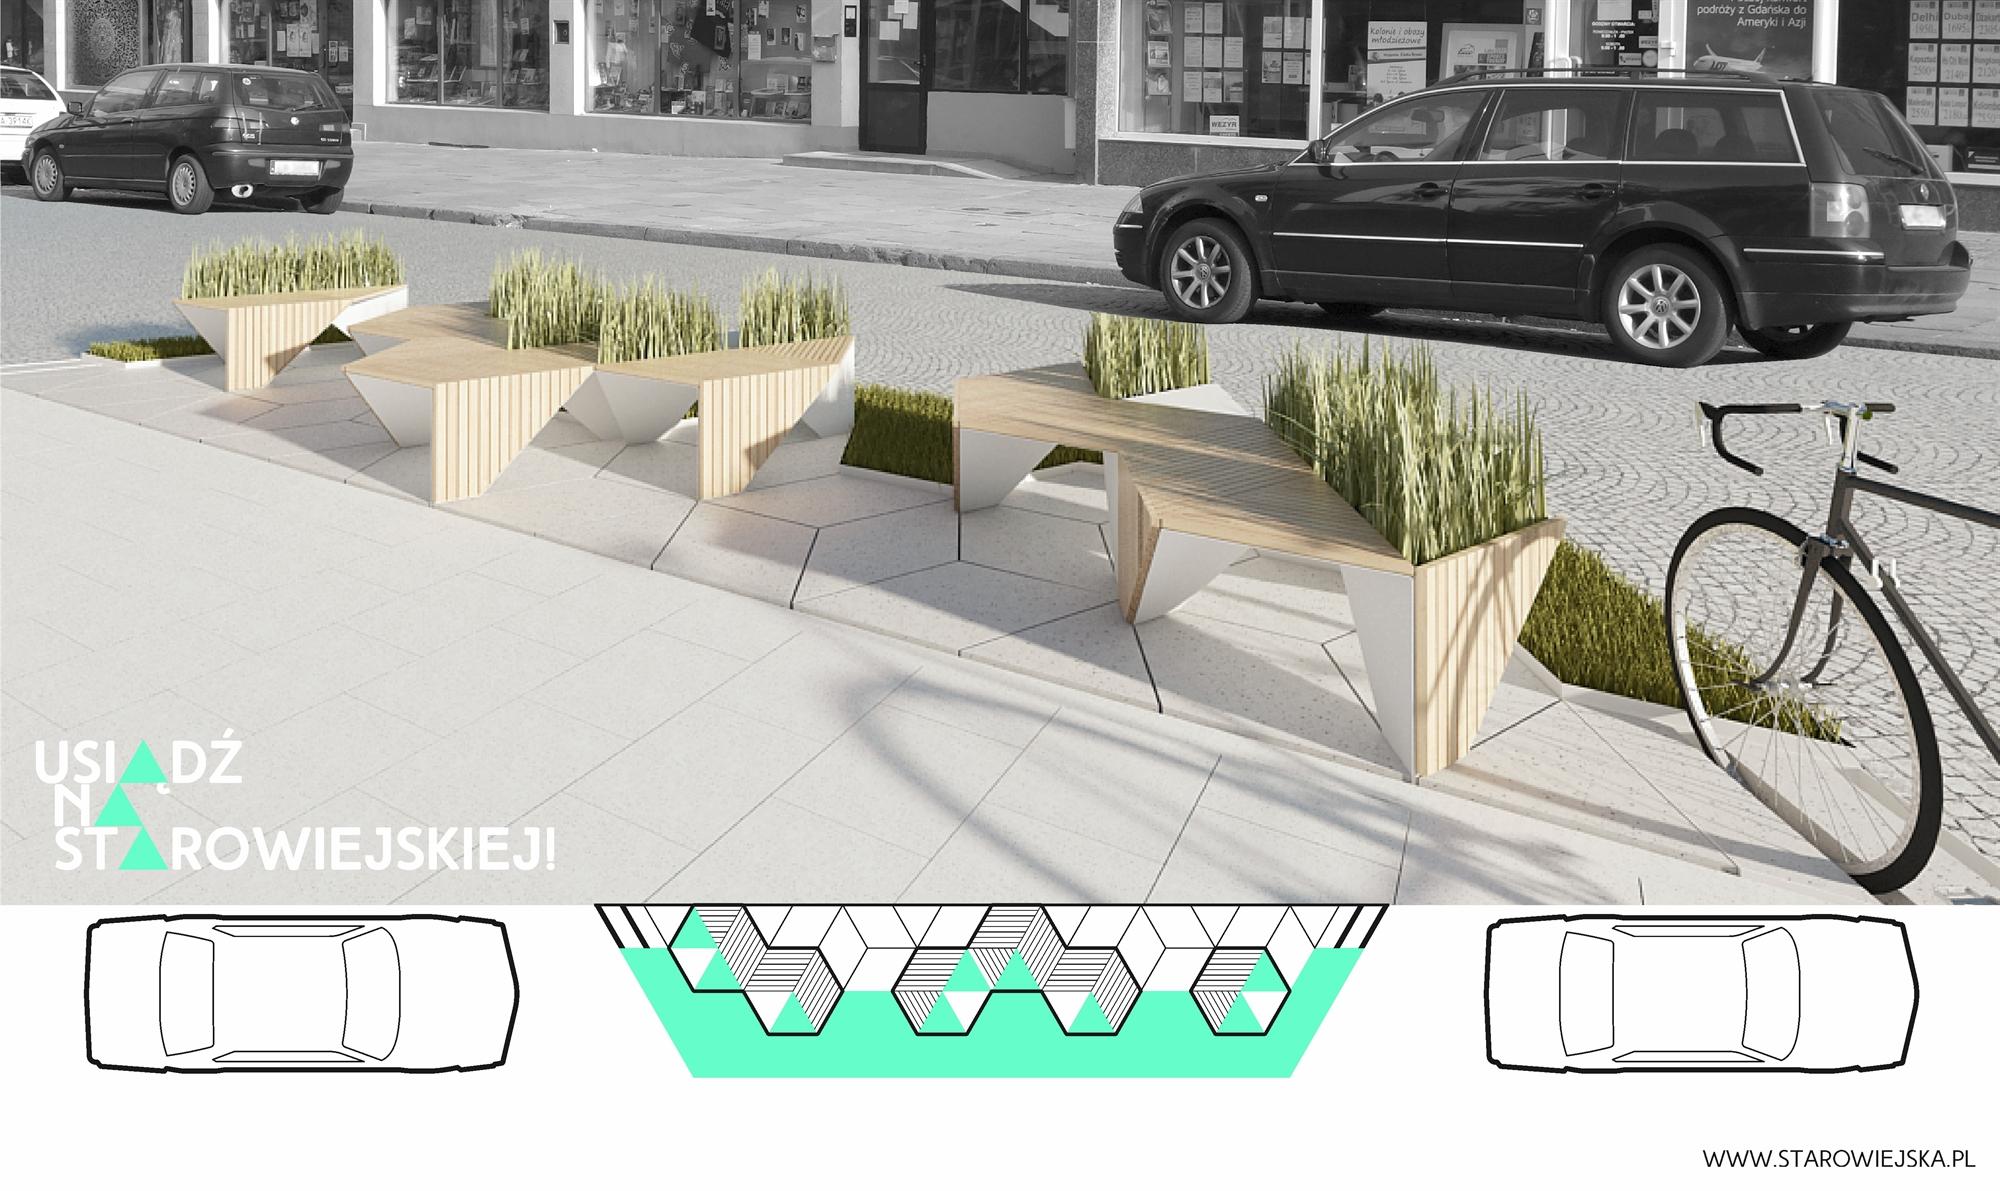 1 gdynia_projekt_miejski_parklet_usiadz_na_starowiejskiej_architektura_przestrzen_publiczna_urban_design_public_spaces